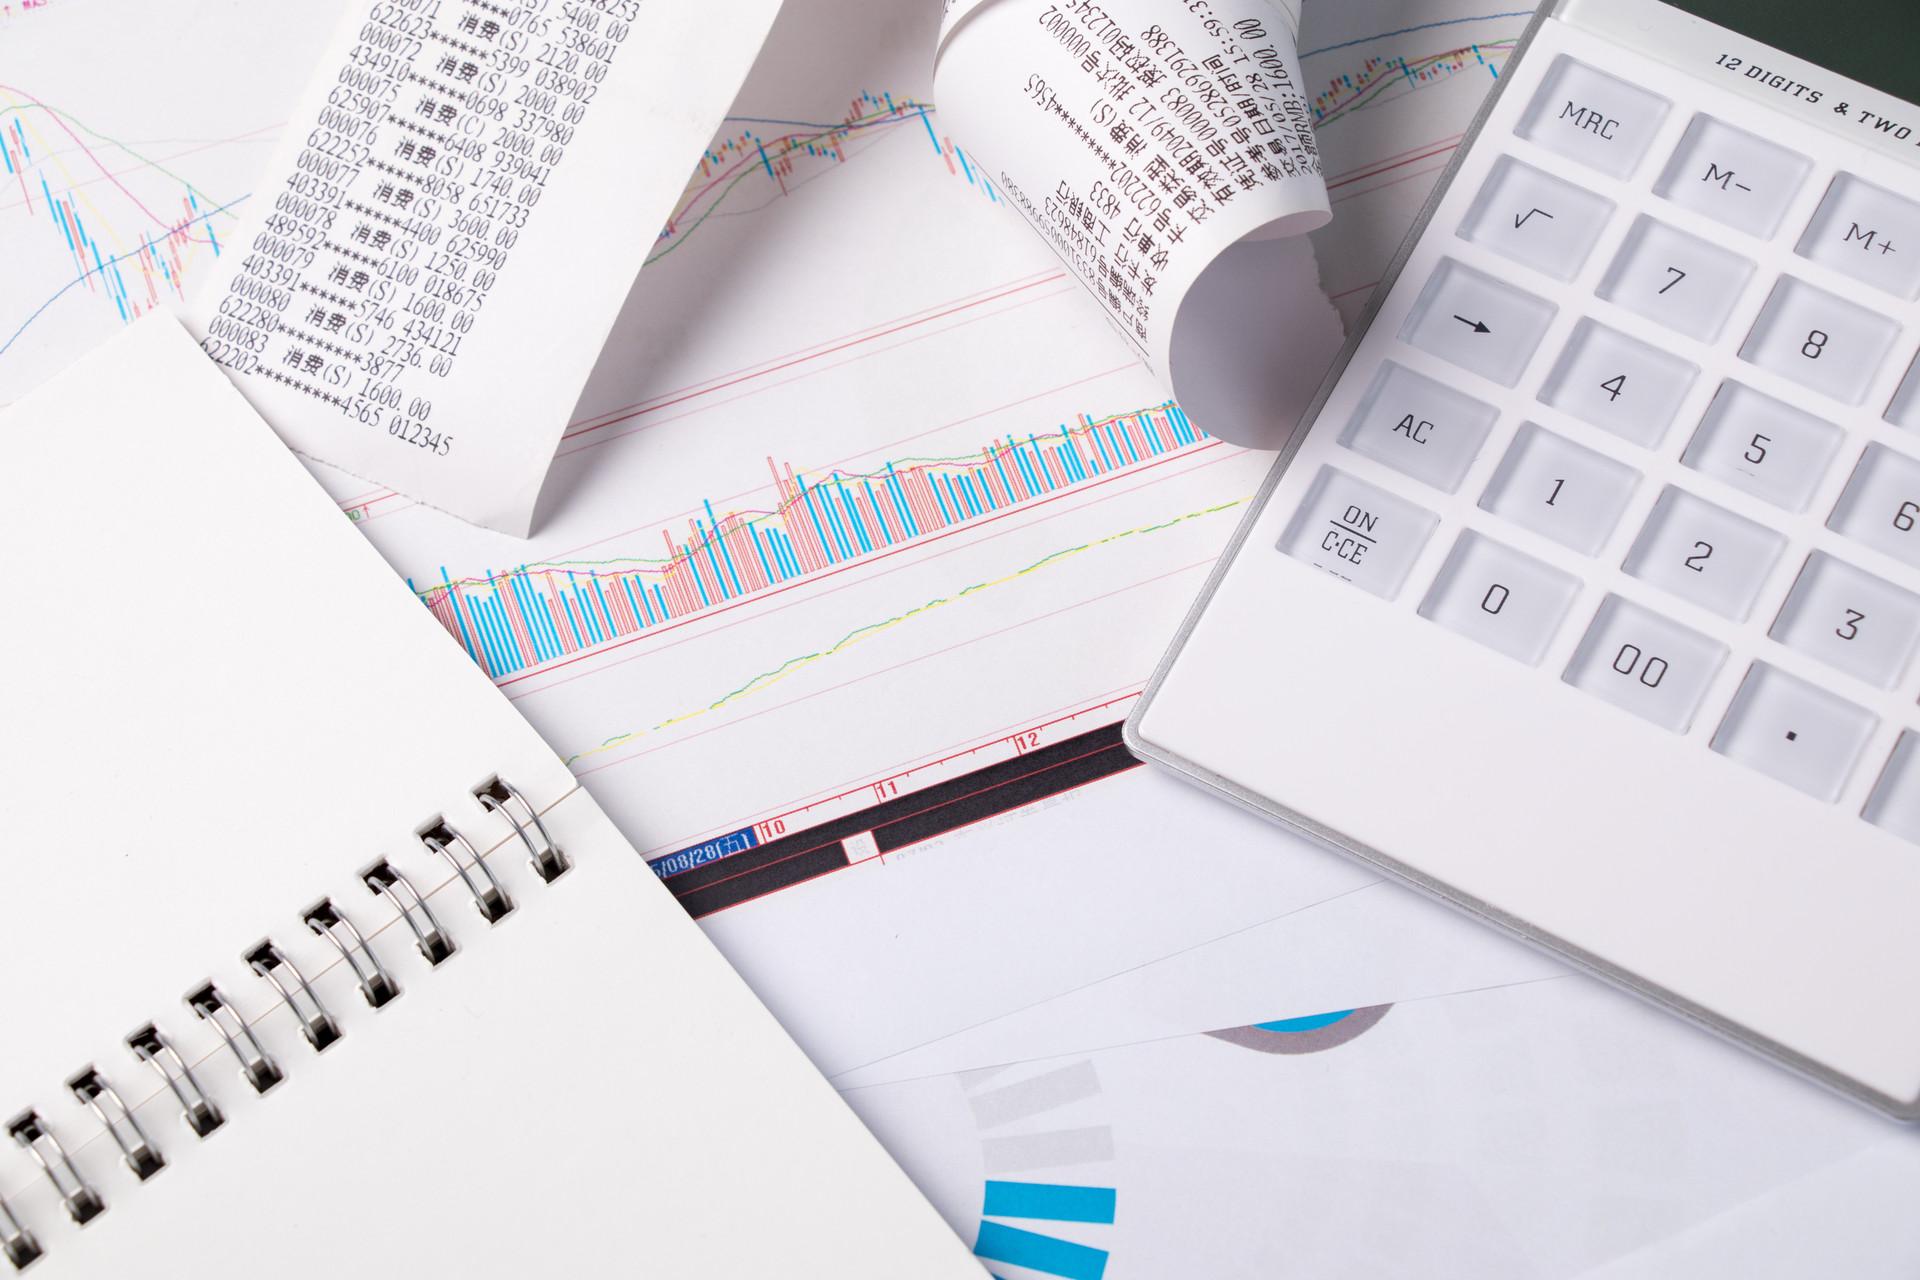 新企业是否有必要找企业代理记账?